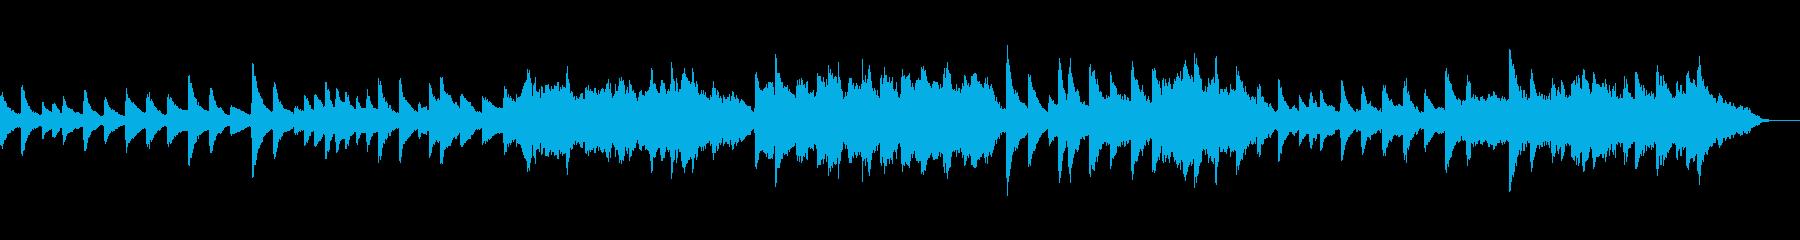 ピアノ協奏曲風=モーツァルトの緩徐楽章風の再生済みの波形